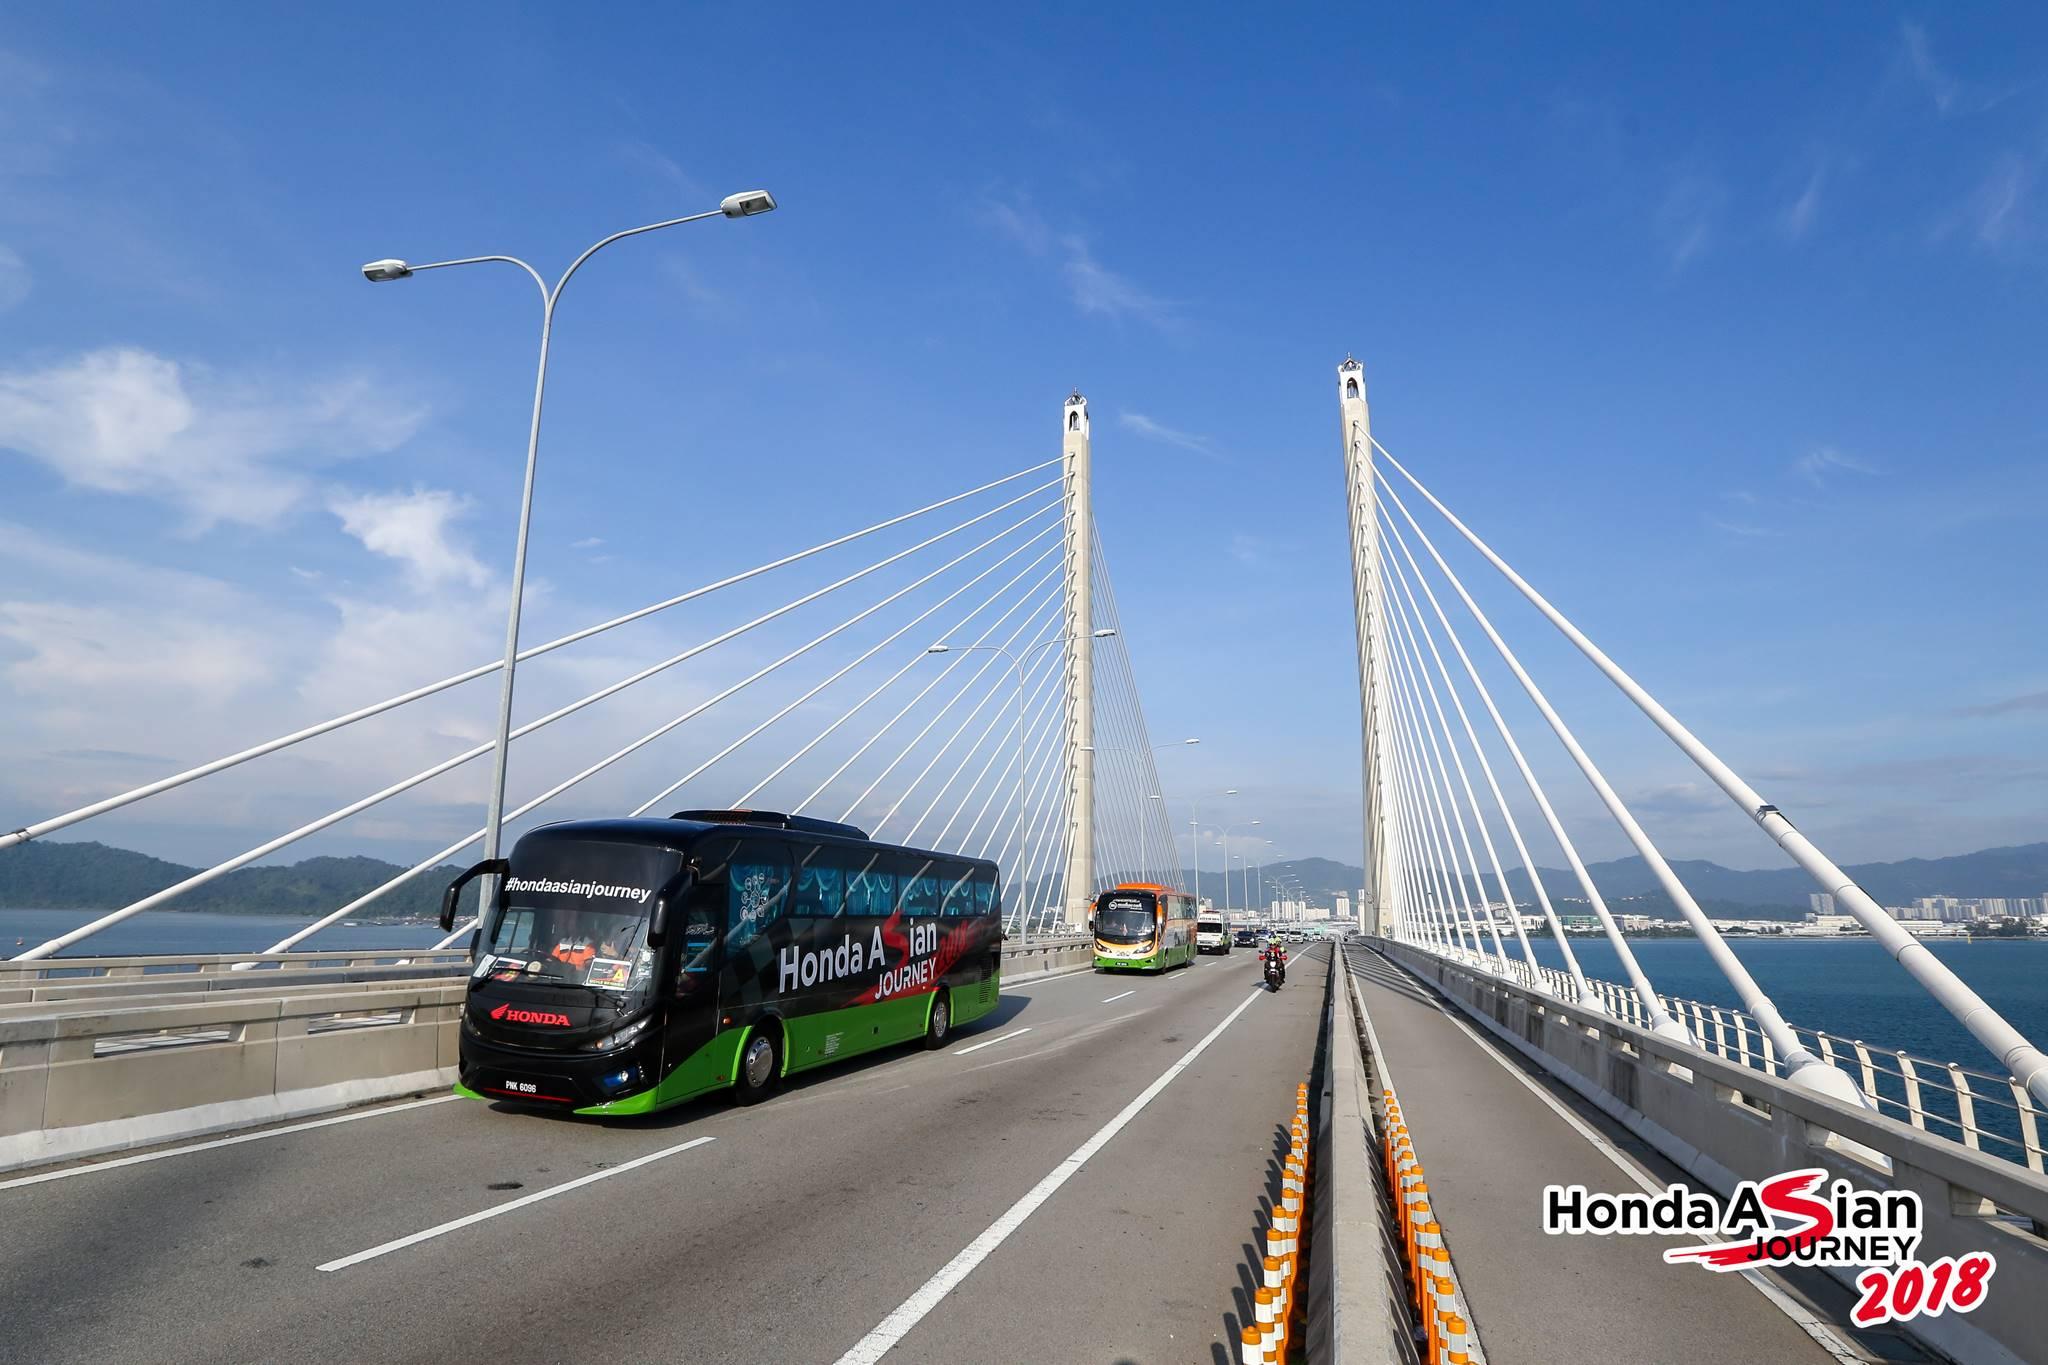 Honda_Asian_Journey_2018_Xe_Tinhte_002.jpg